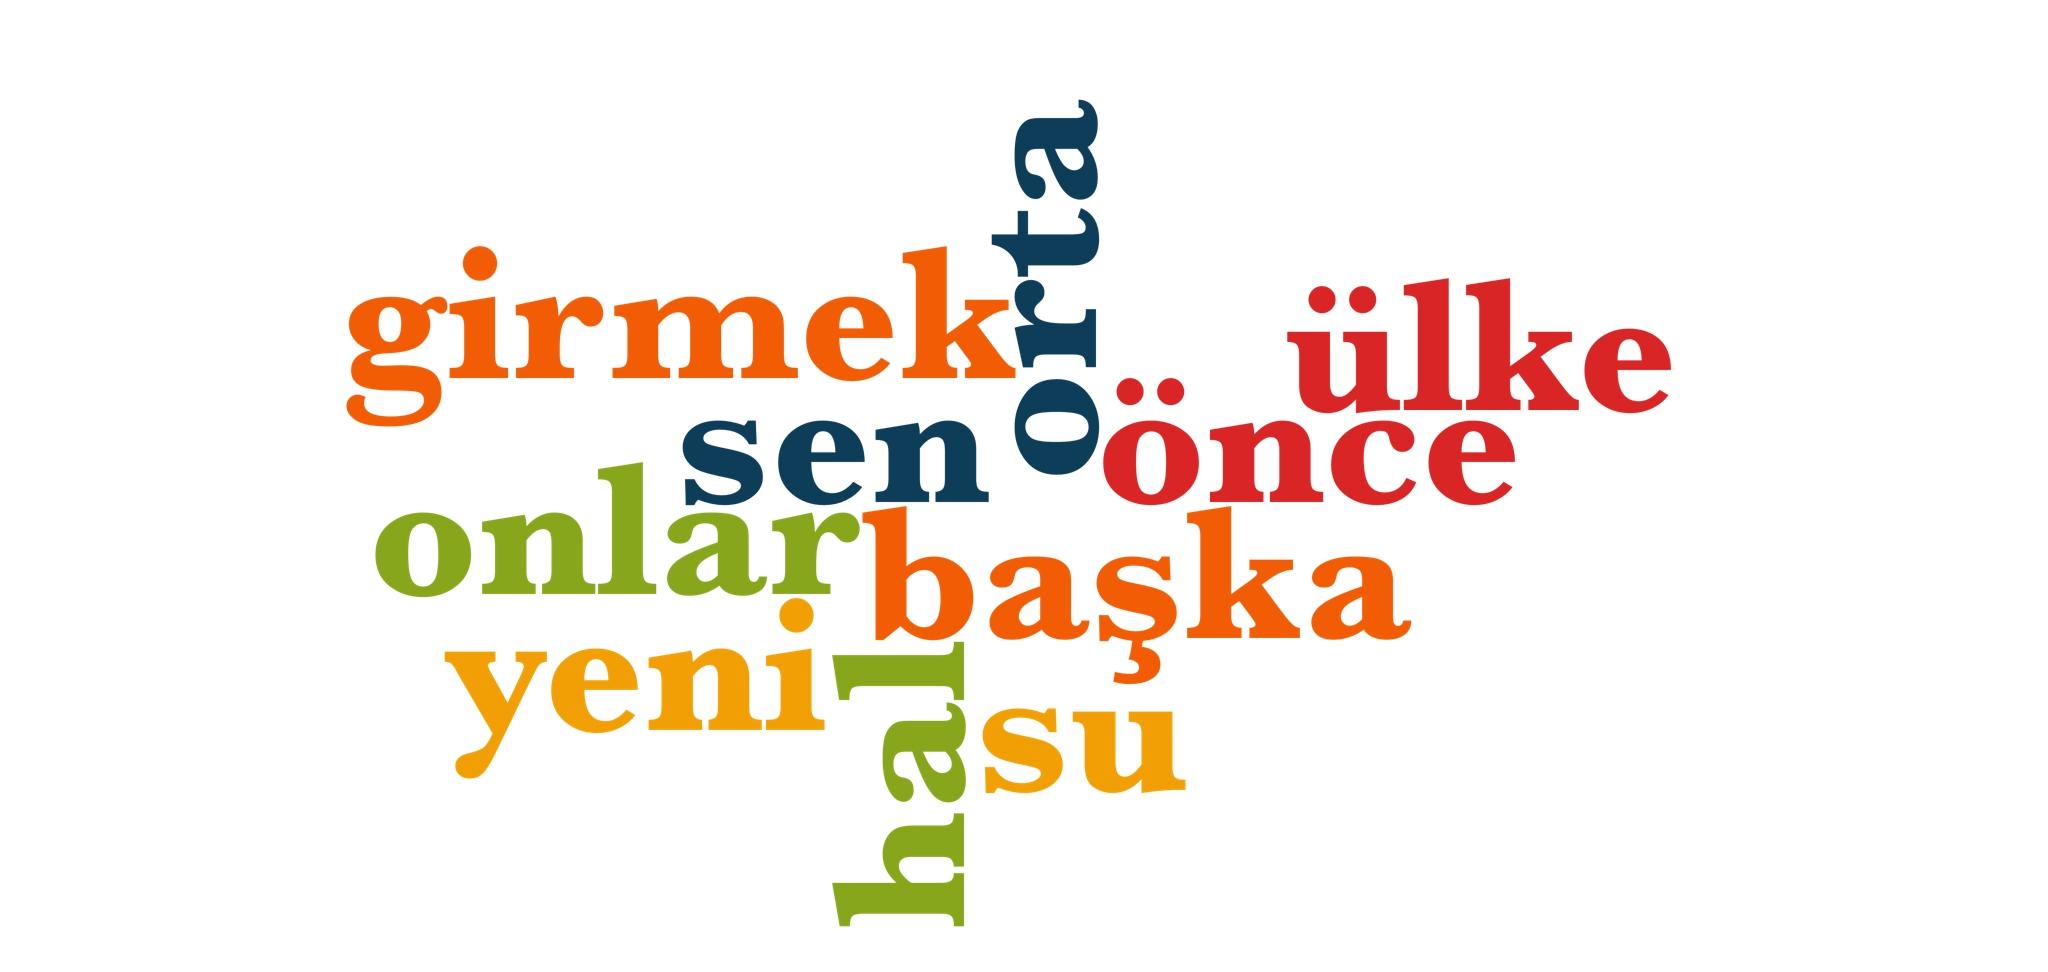 Wörter 71 bis 80 der 1000 häufigsten Wörter der türkischen Sprache